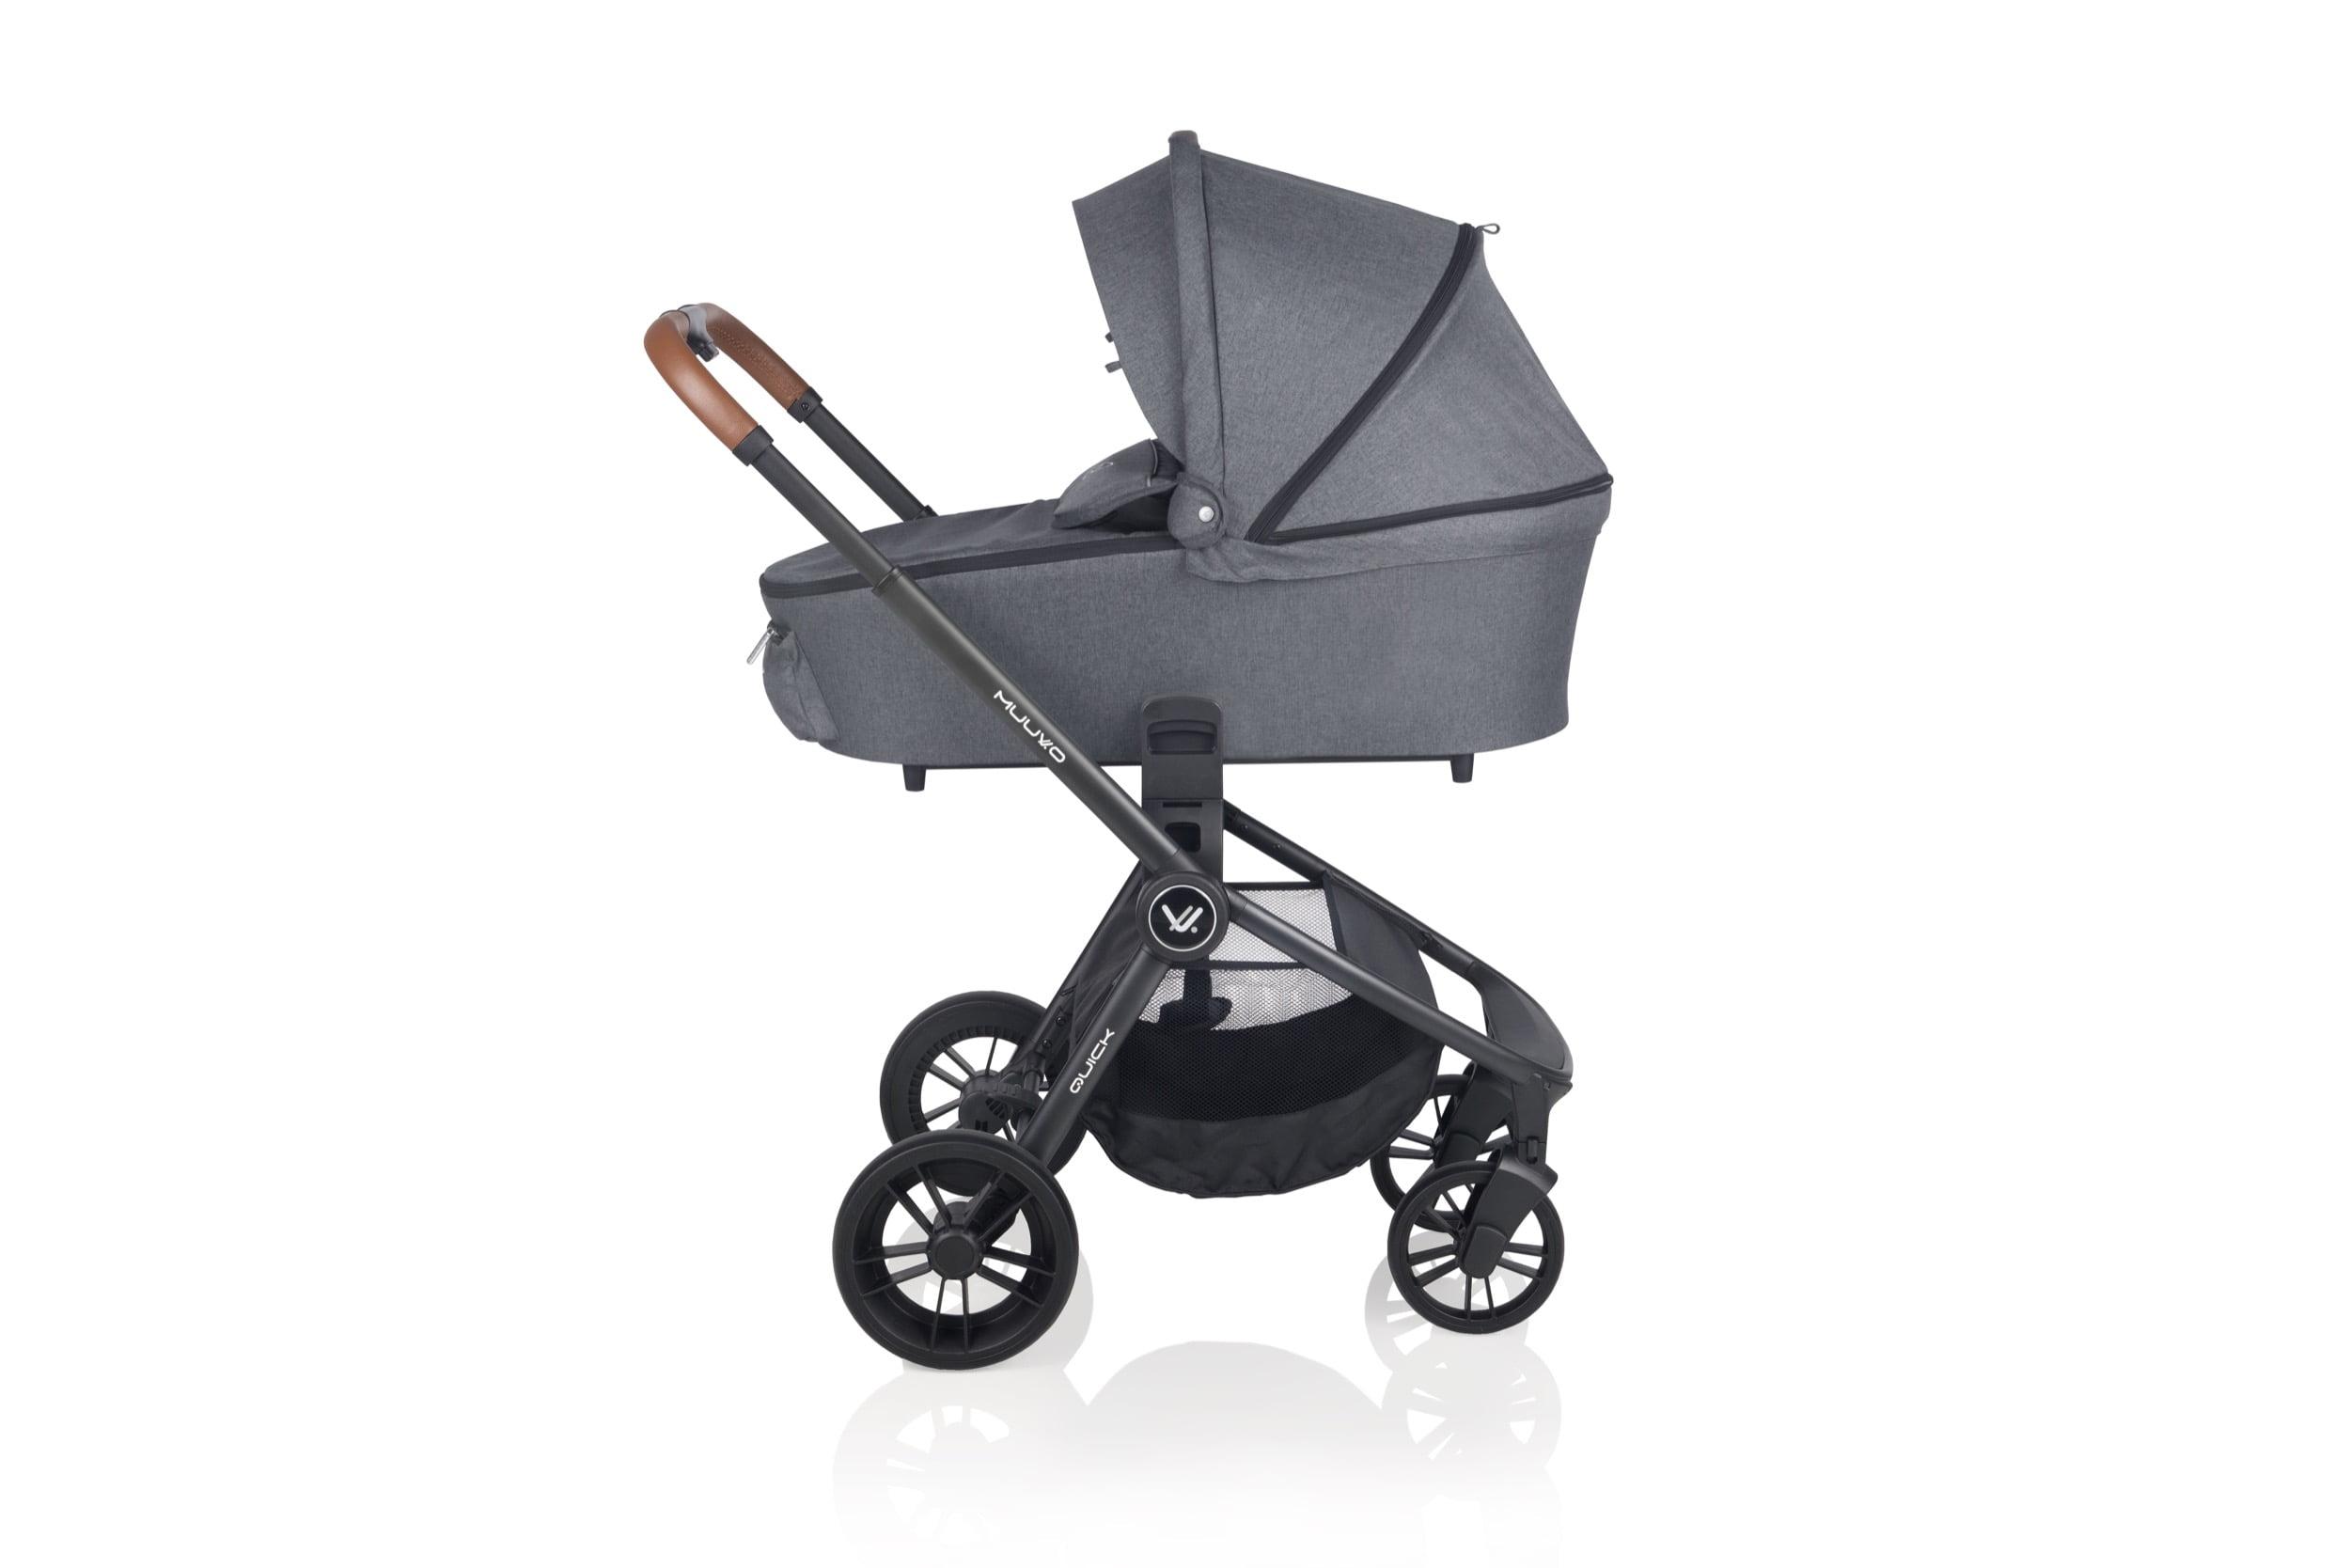 muuvo-quick-gondola-profil-01-grafit-carbon-graphite